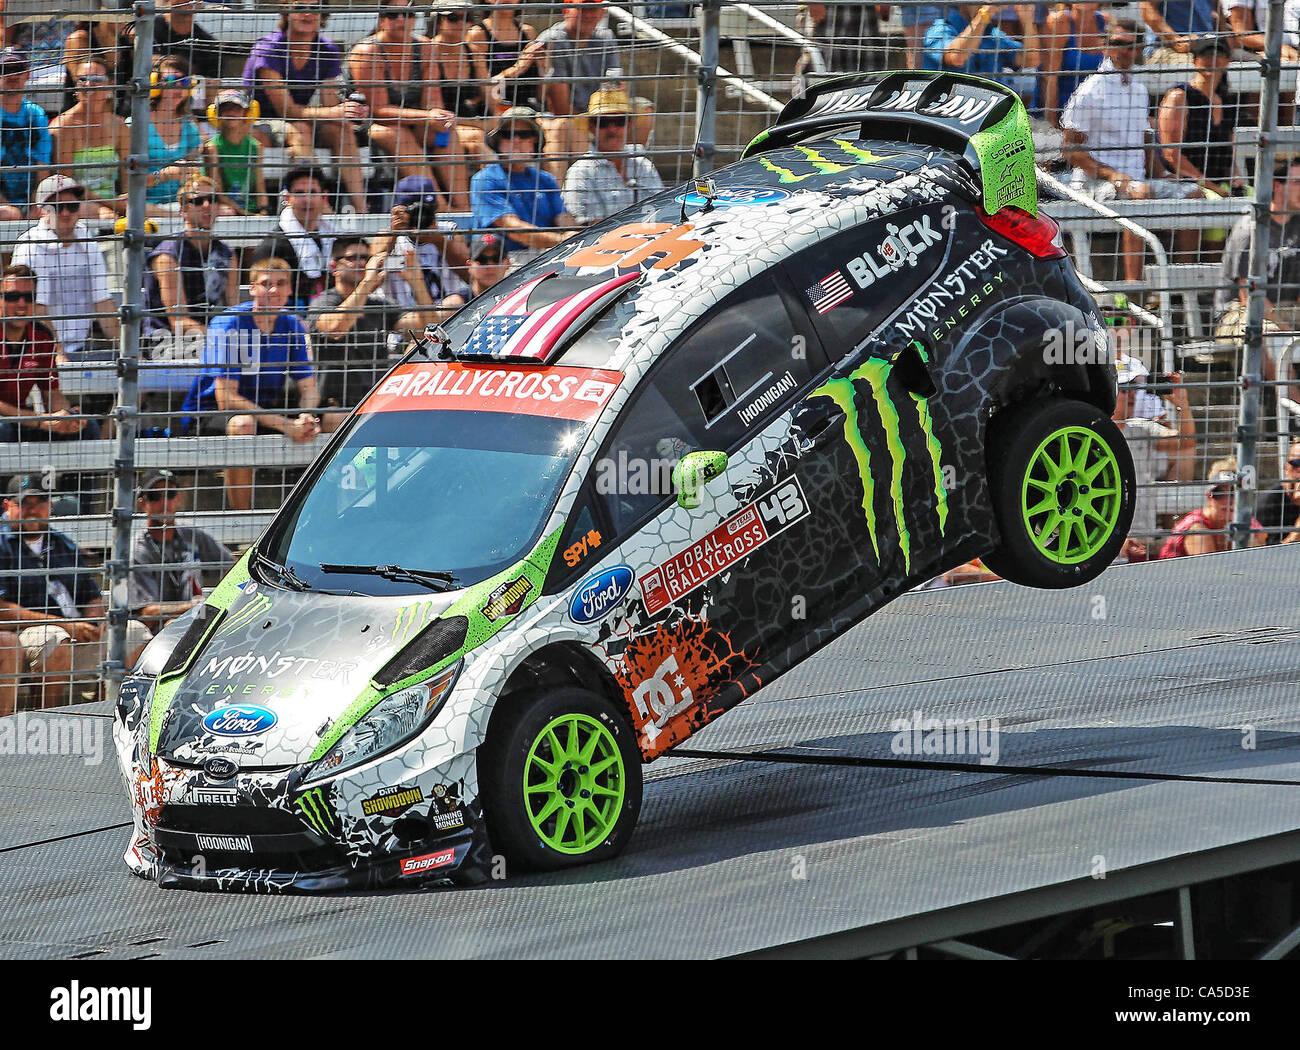 Ken Block Rally Car Stock Photos & Ken Block Rally Car Stock Images ...